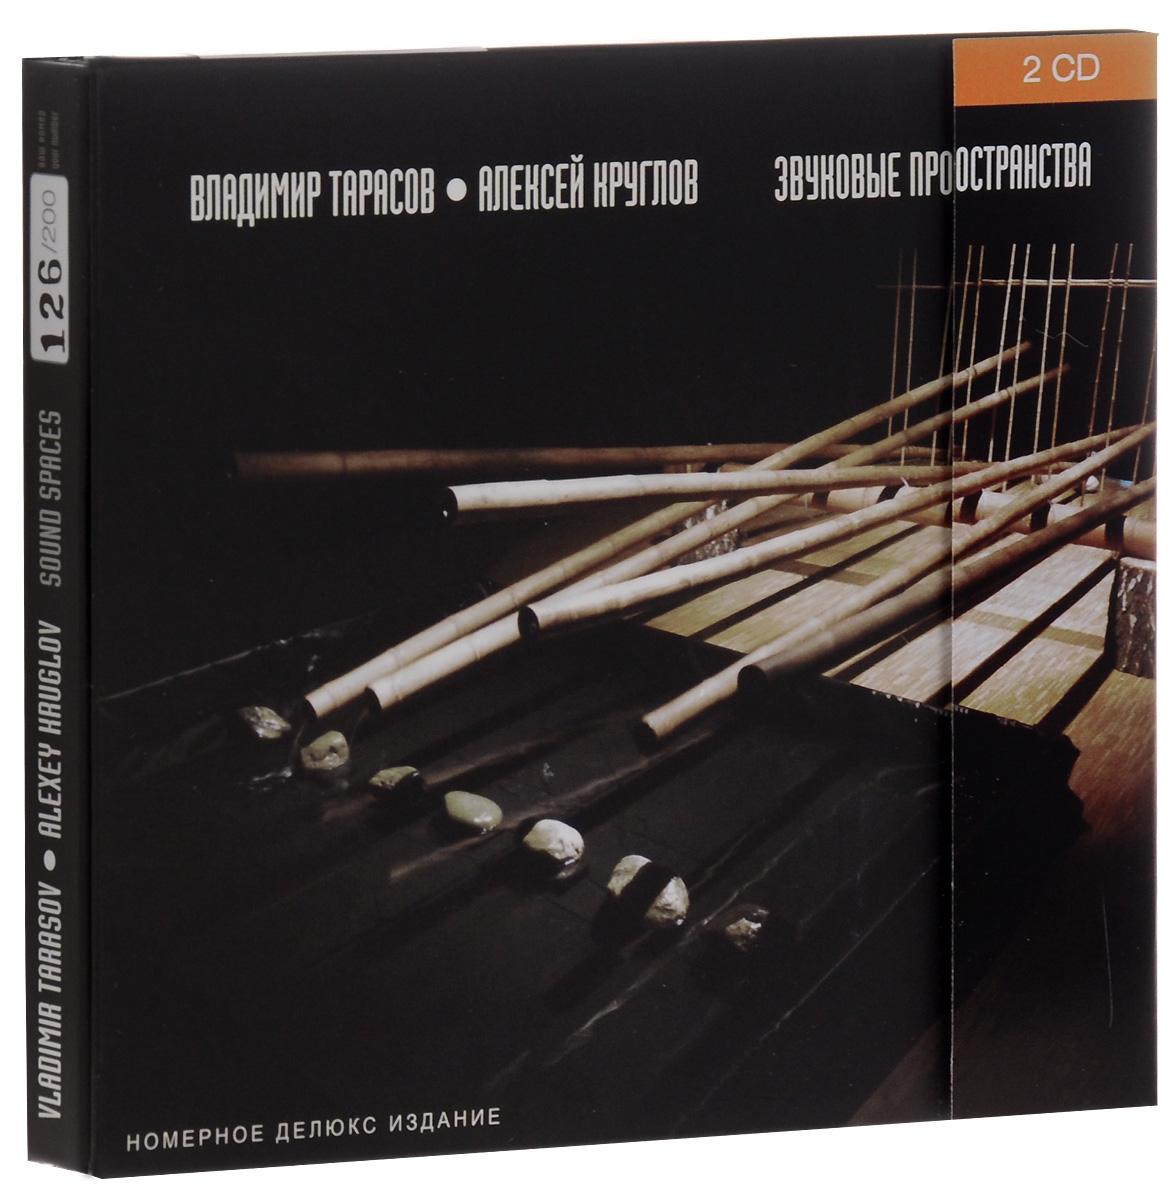 Издание упаковано в картонный DigiPack с 32-страничным буклетом-книгой, закрепленным в середине упаковки. Буклет содержит фотографии и дополнительную информацию на русском и английском языках.